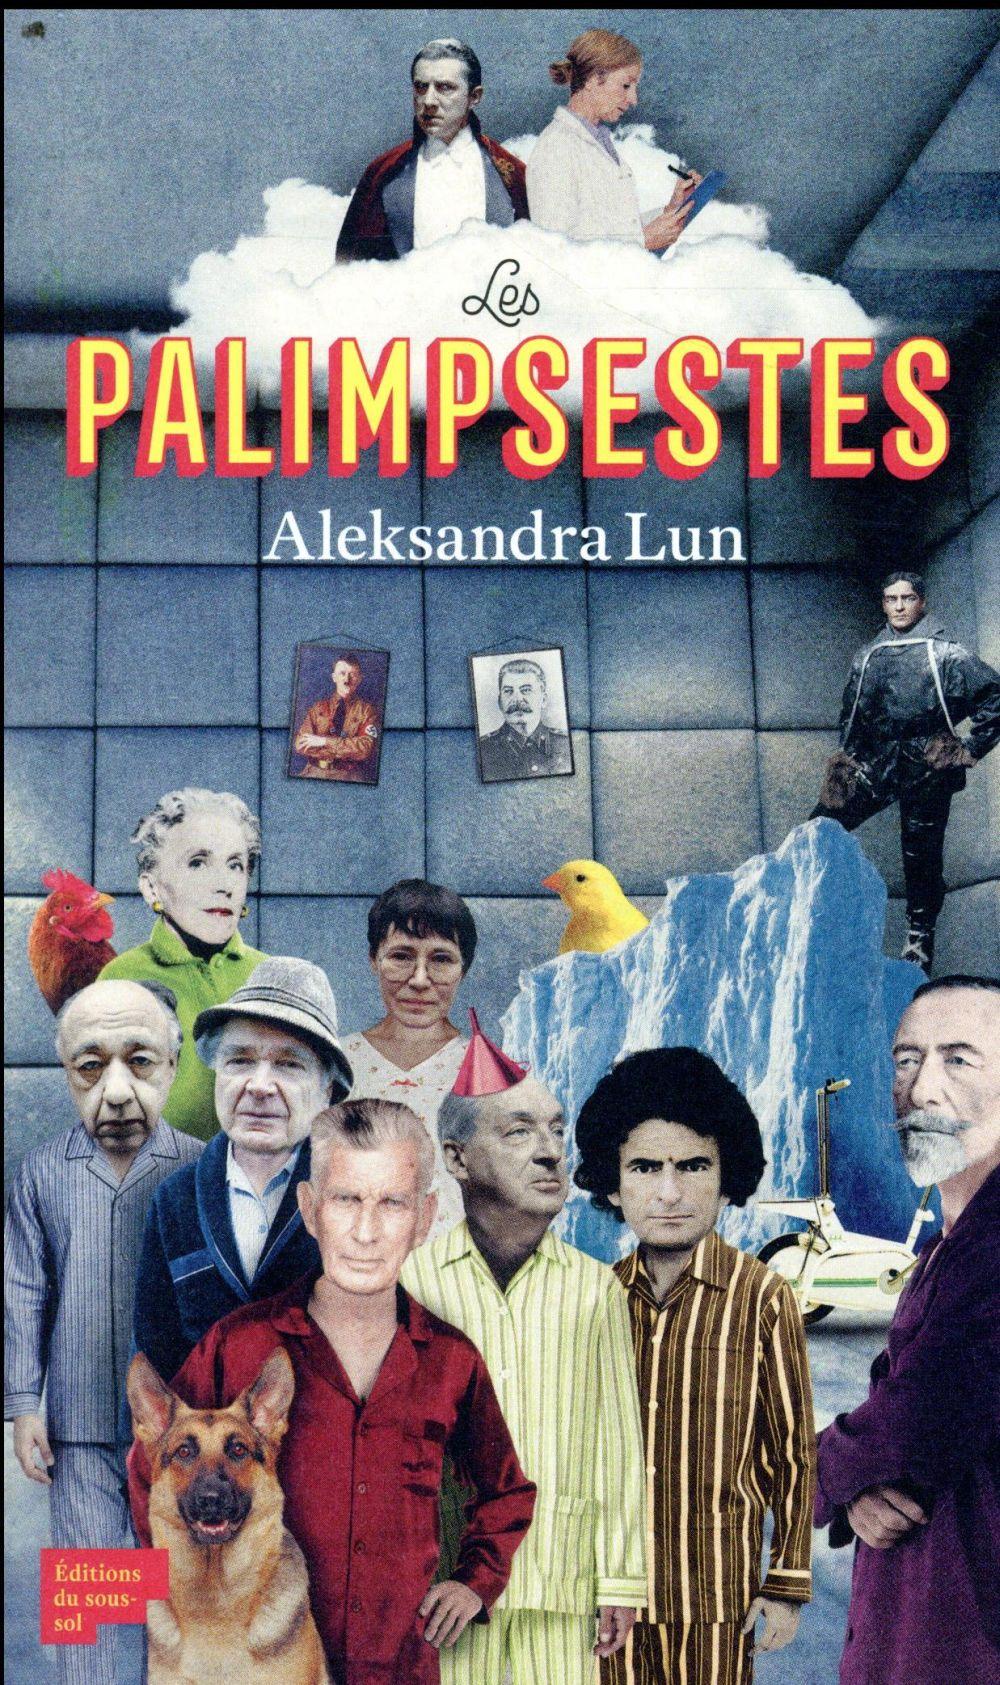 LES PALIMPSESTES